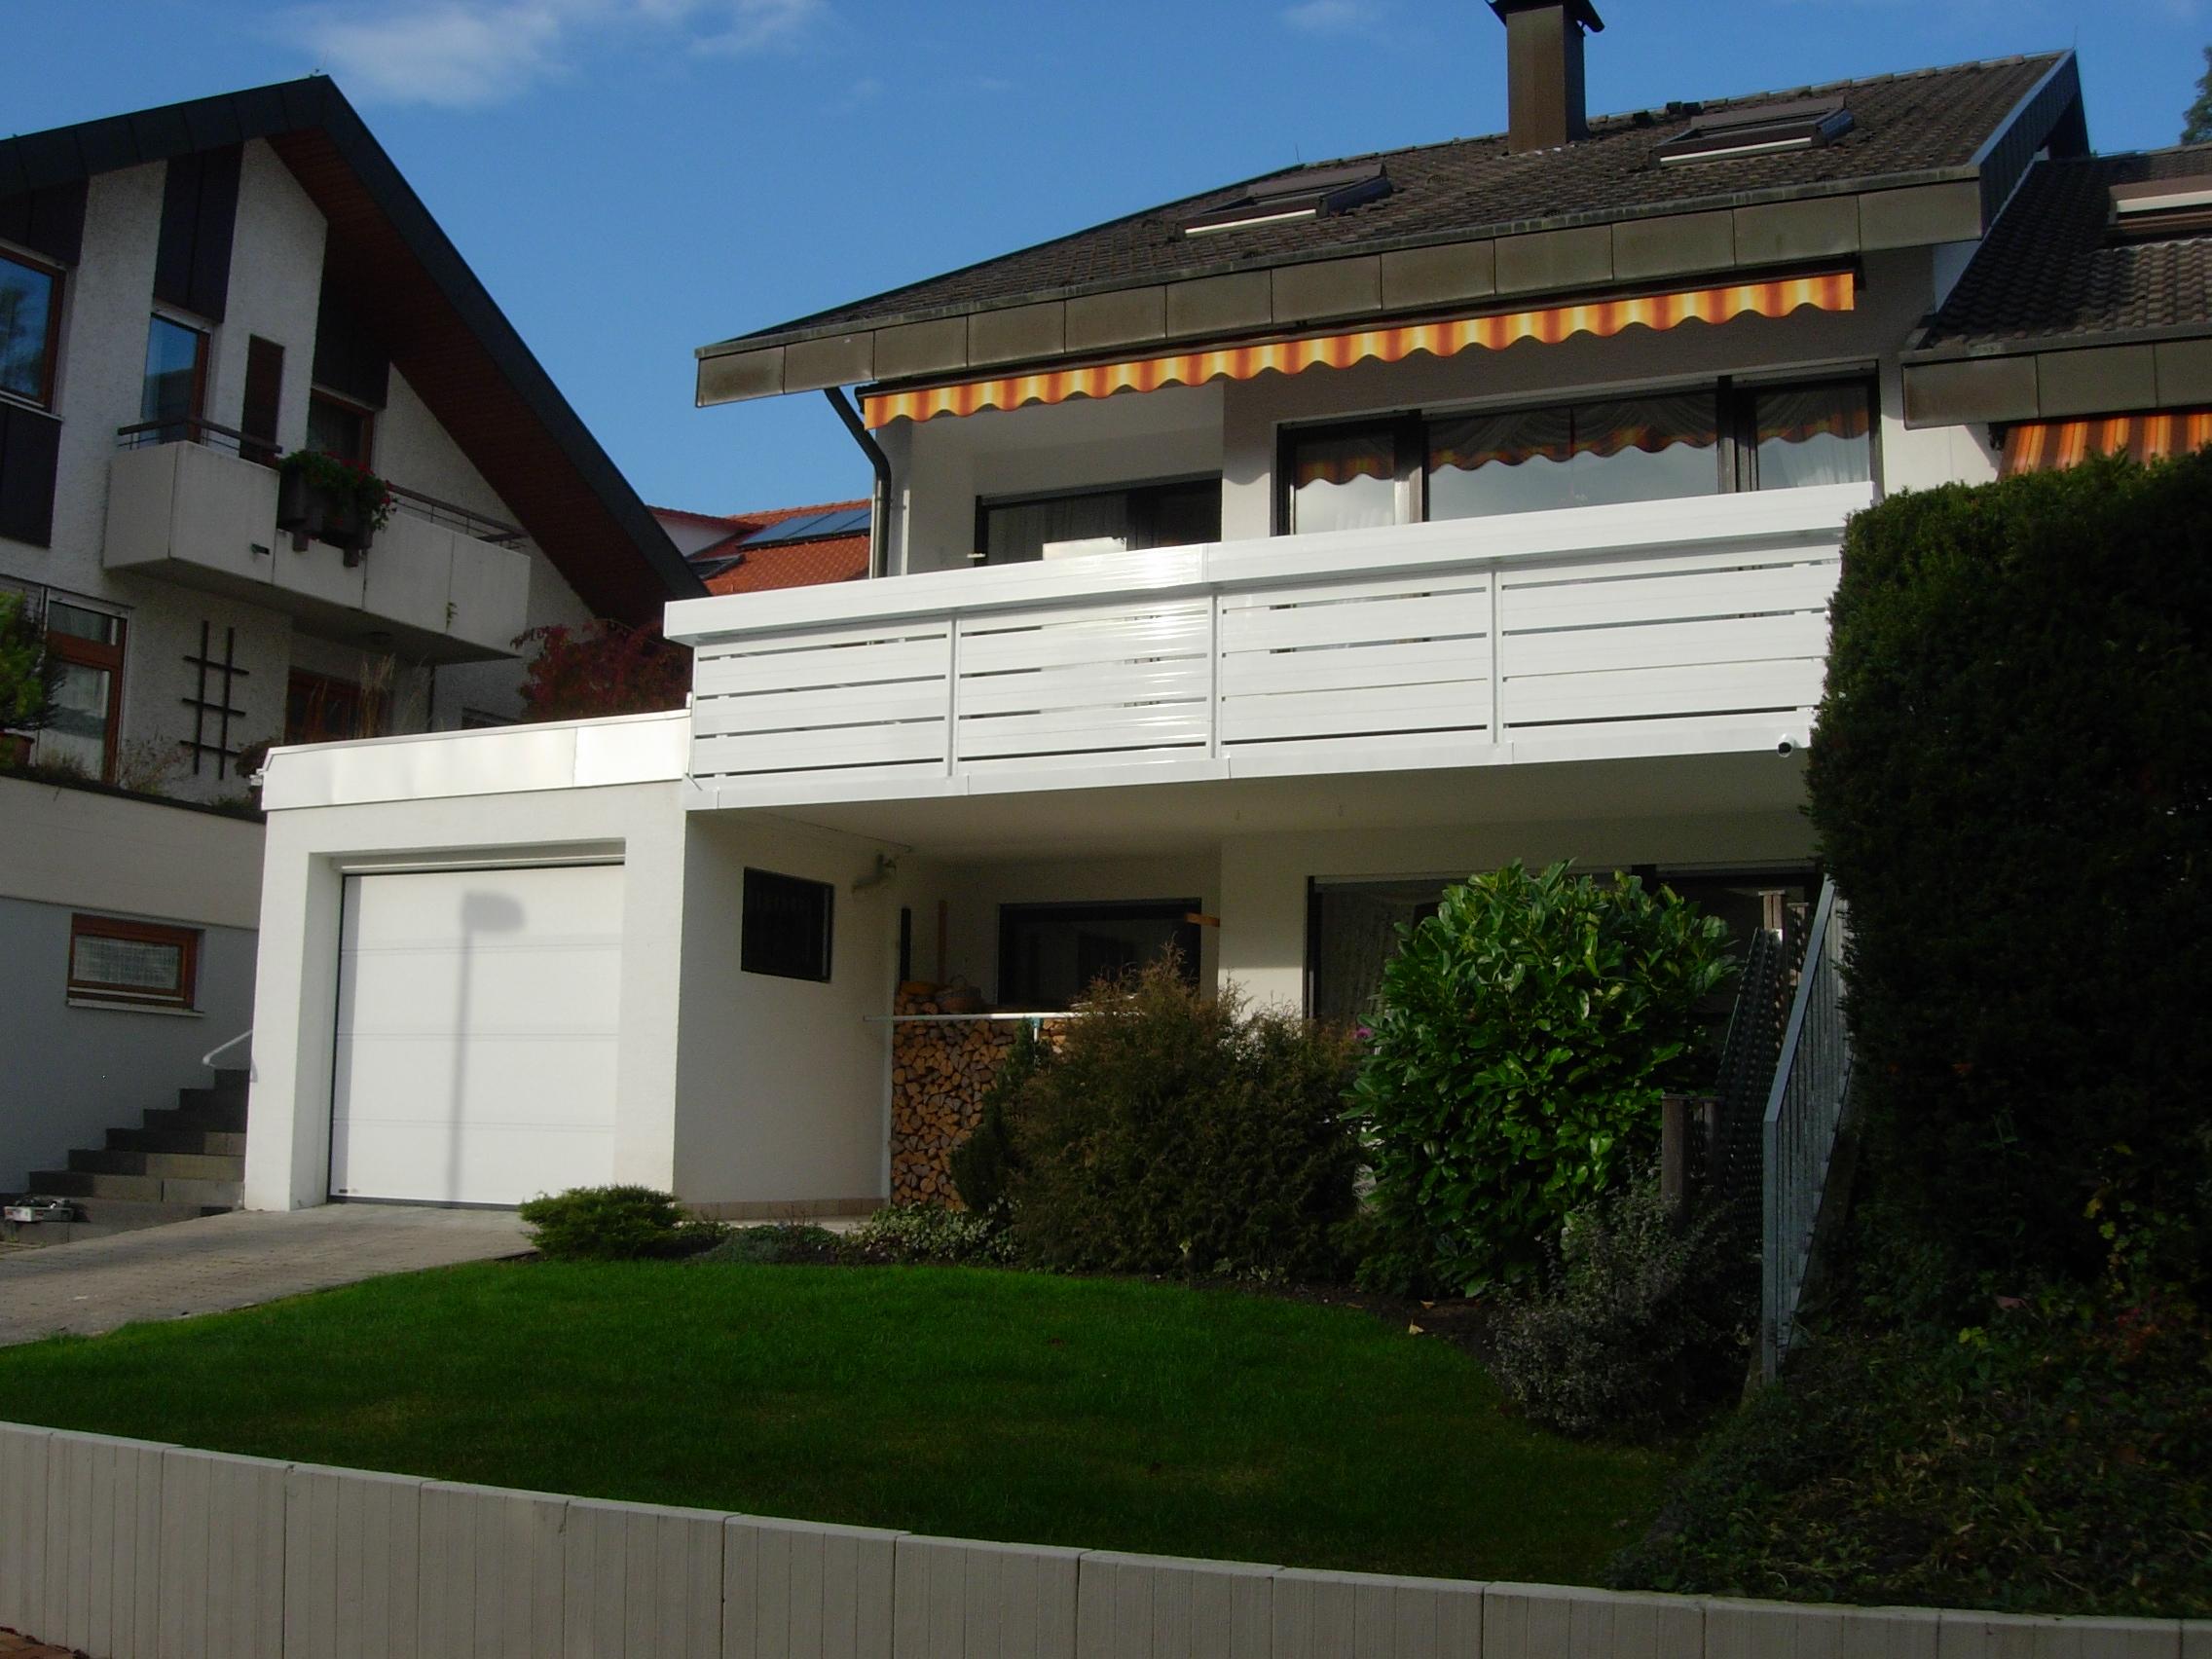 Einfamilienhaus mit neuer Balkonverkleidung aus Alu, weiß pulverbeschichtet.